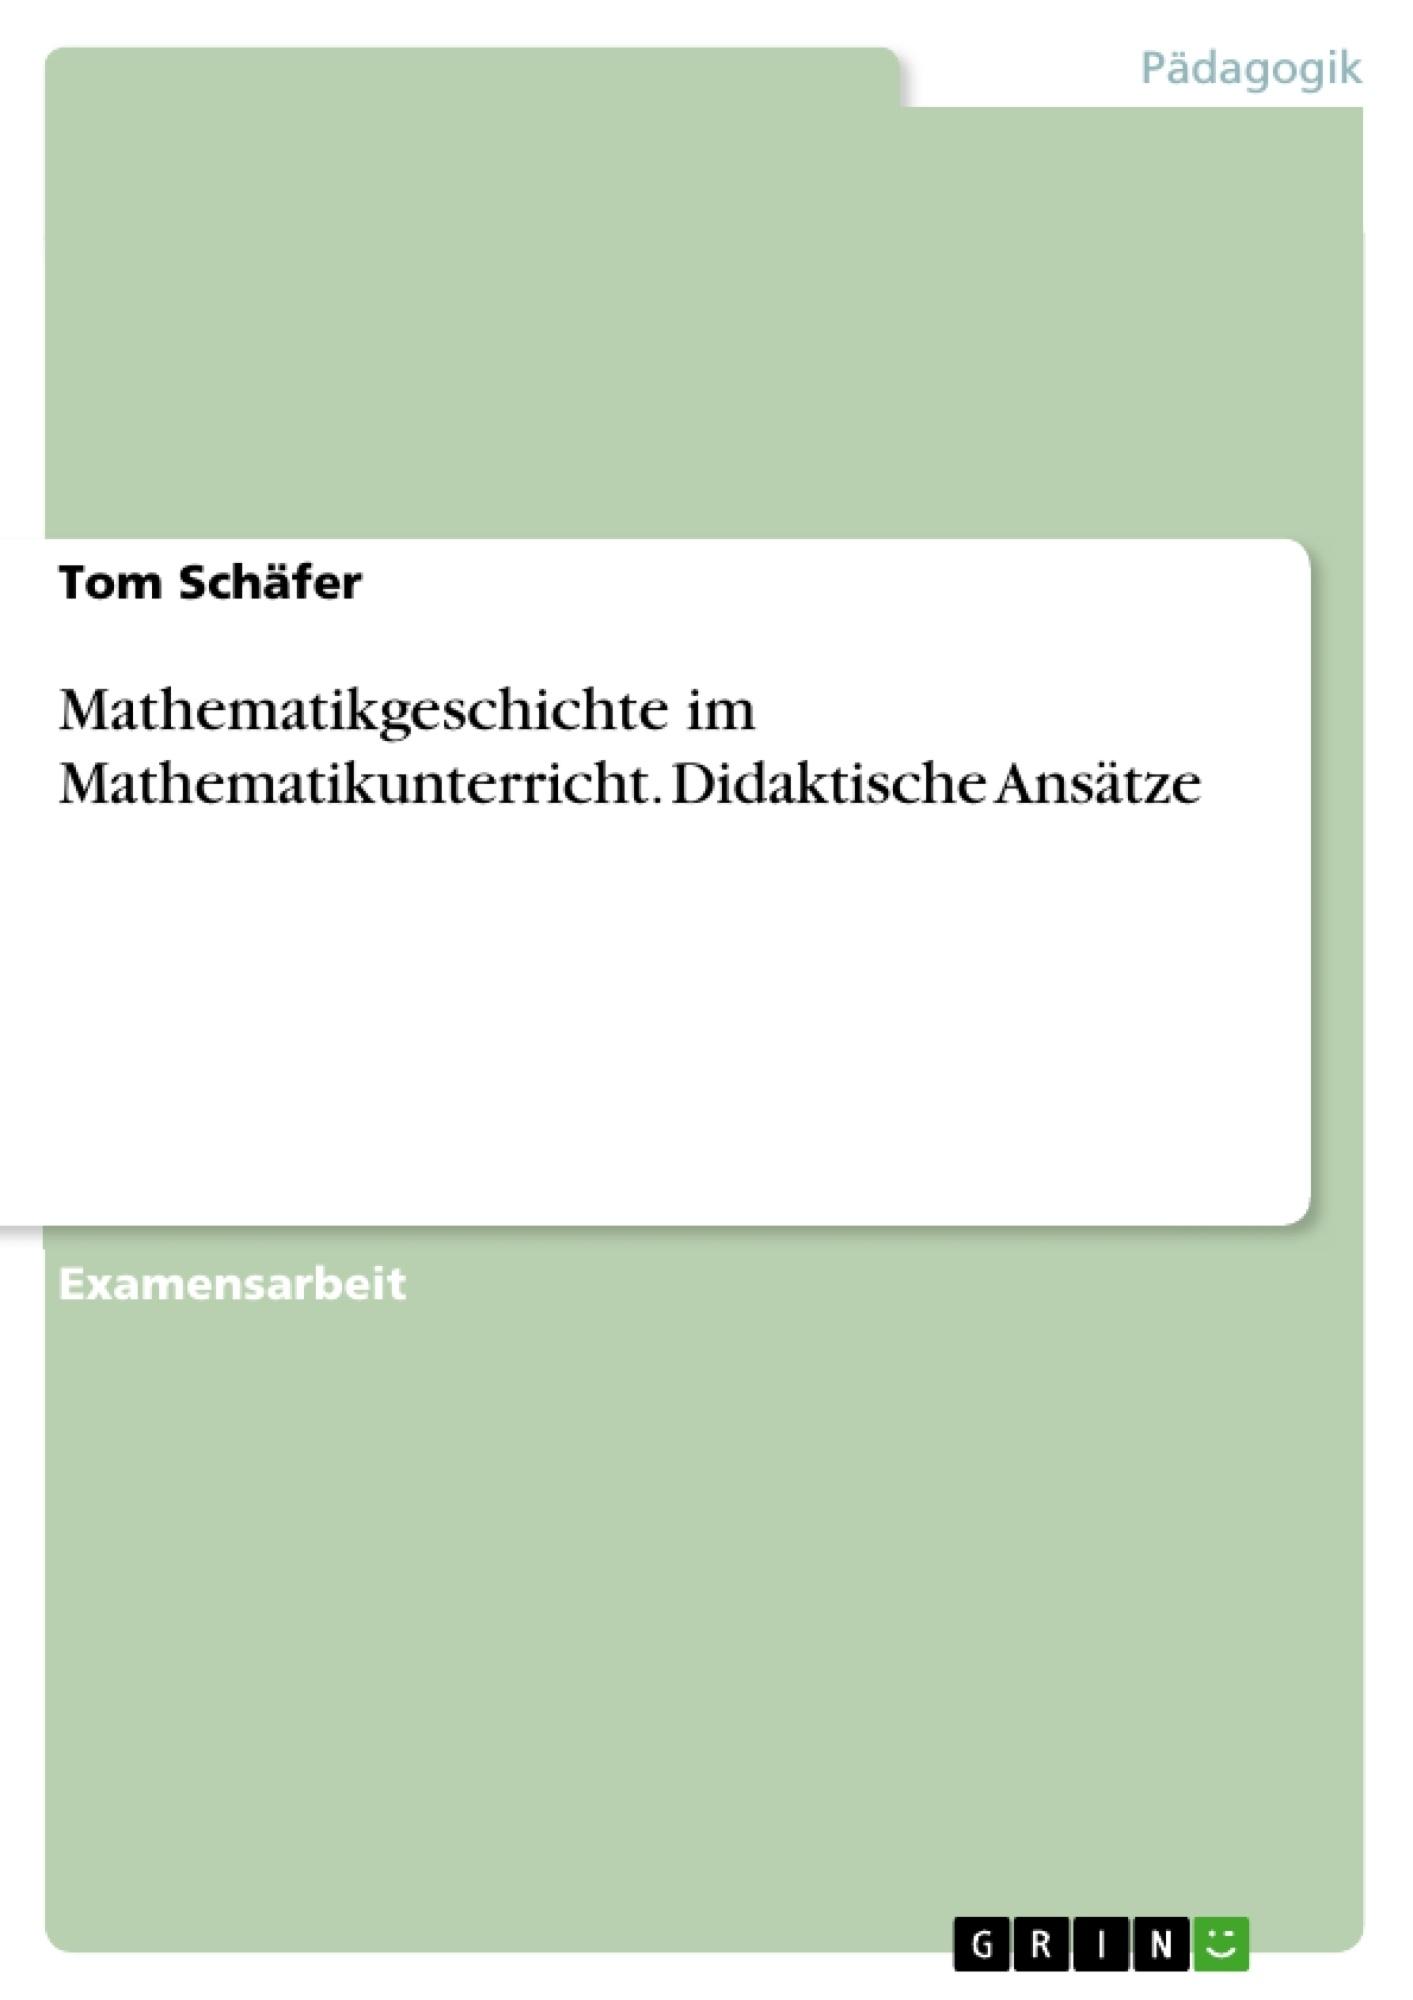 Titel: Mathematikgeschichte im Mathematikunterricht. Didaktische Ansätze